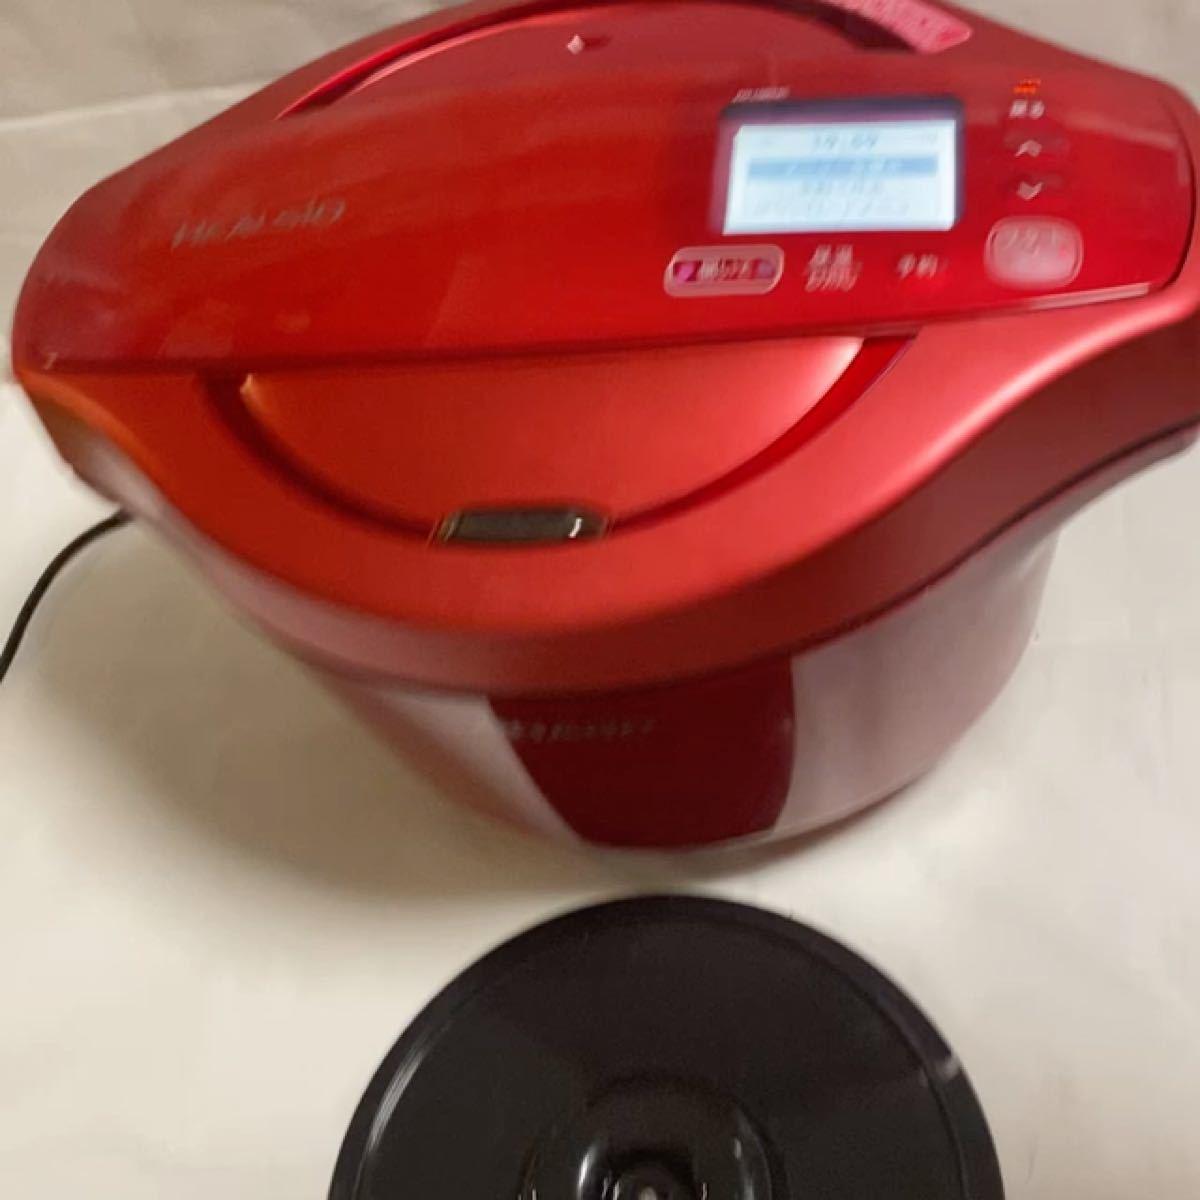 シャープ KN-HW24C-R 電気無水鍋 「ヘルシオホットクック」 2.4L レッド系